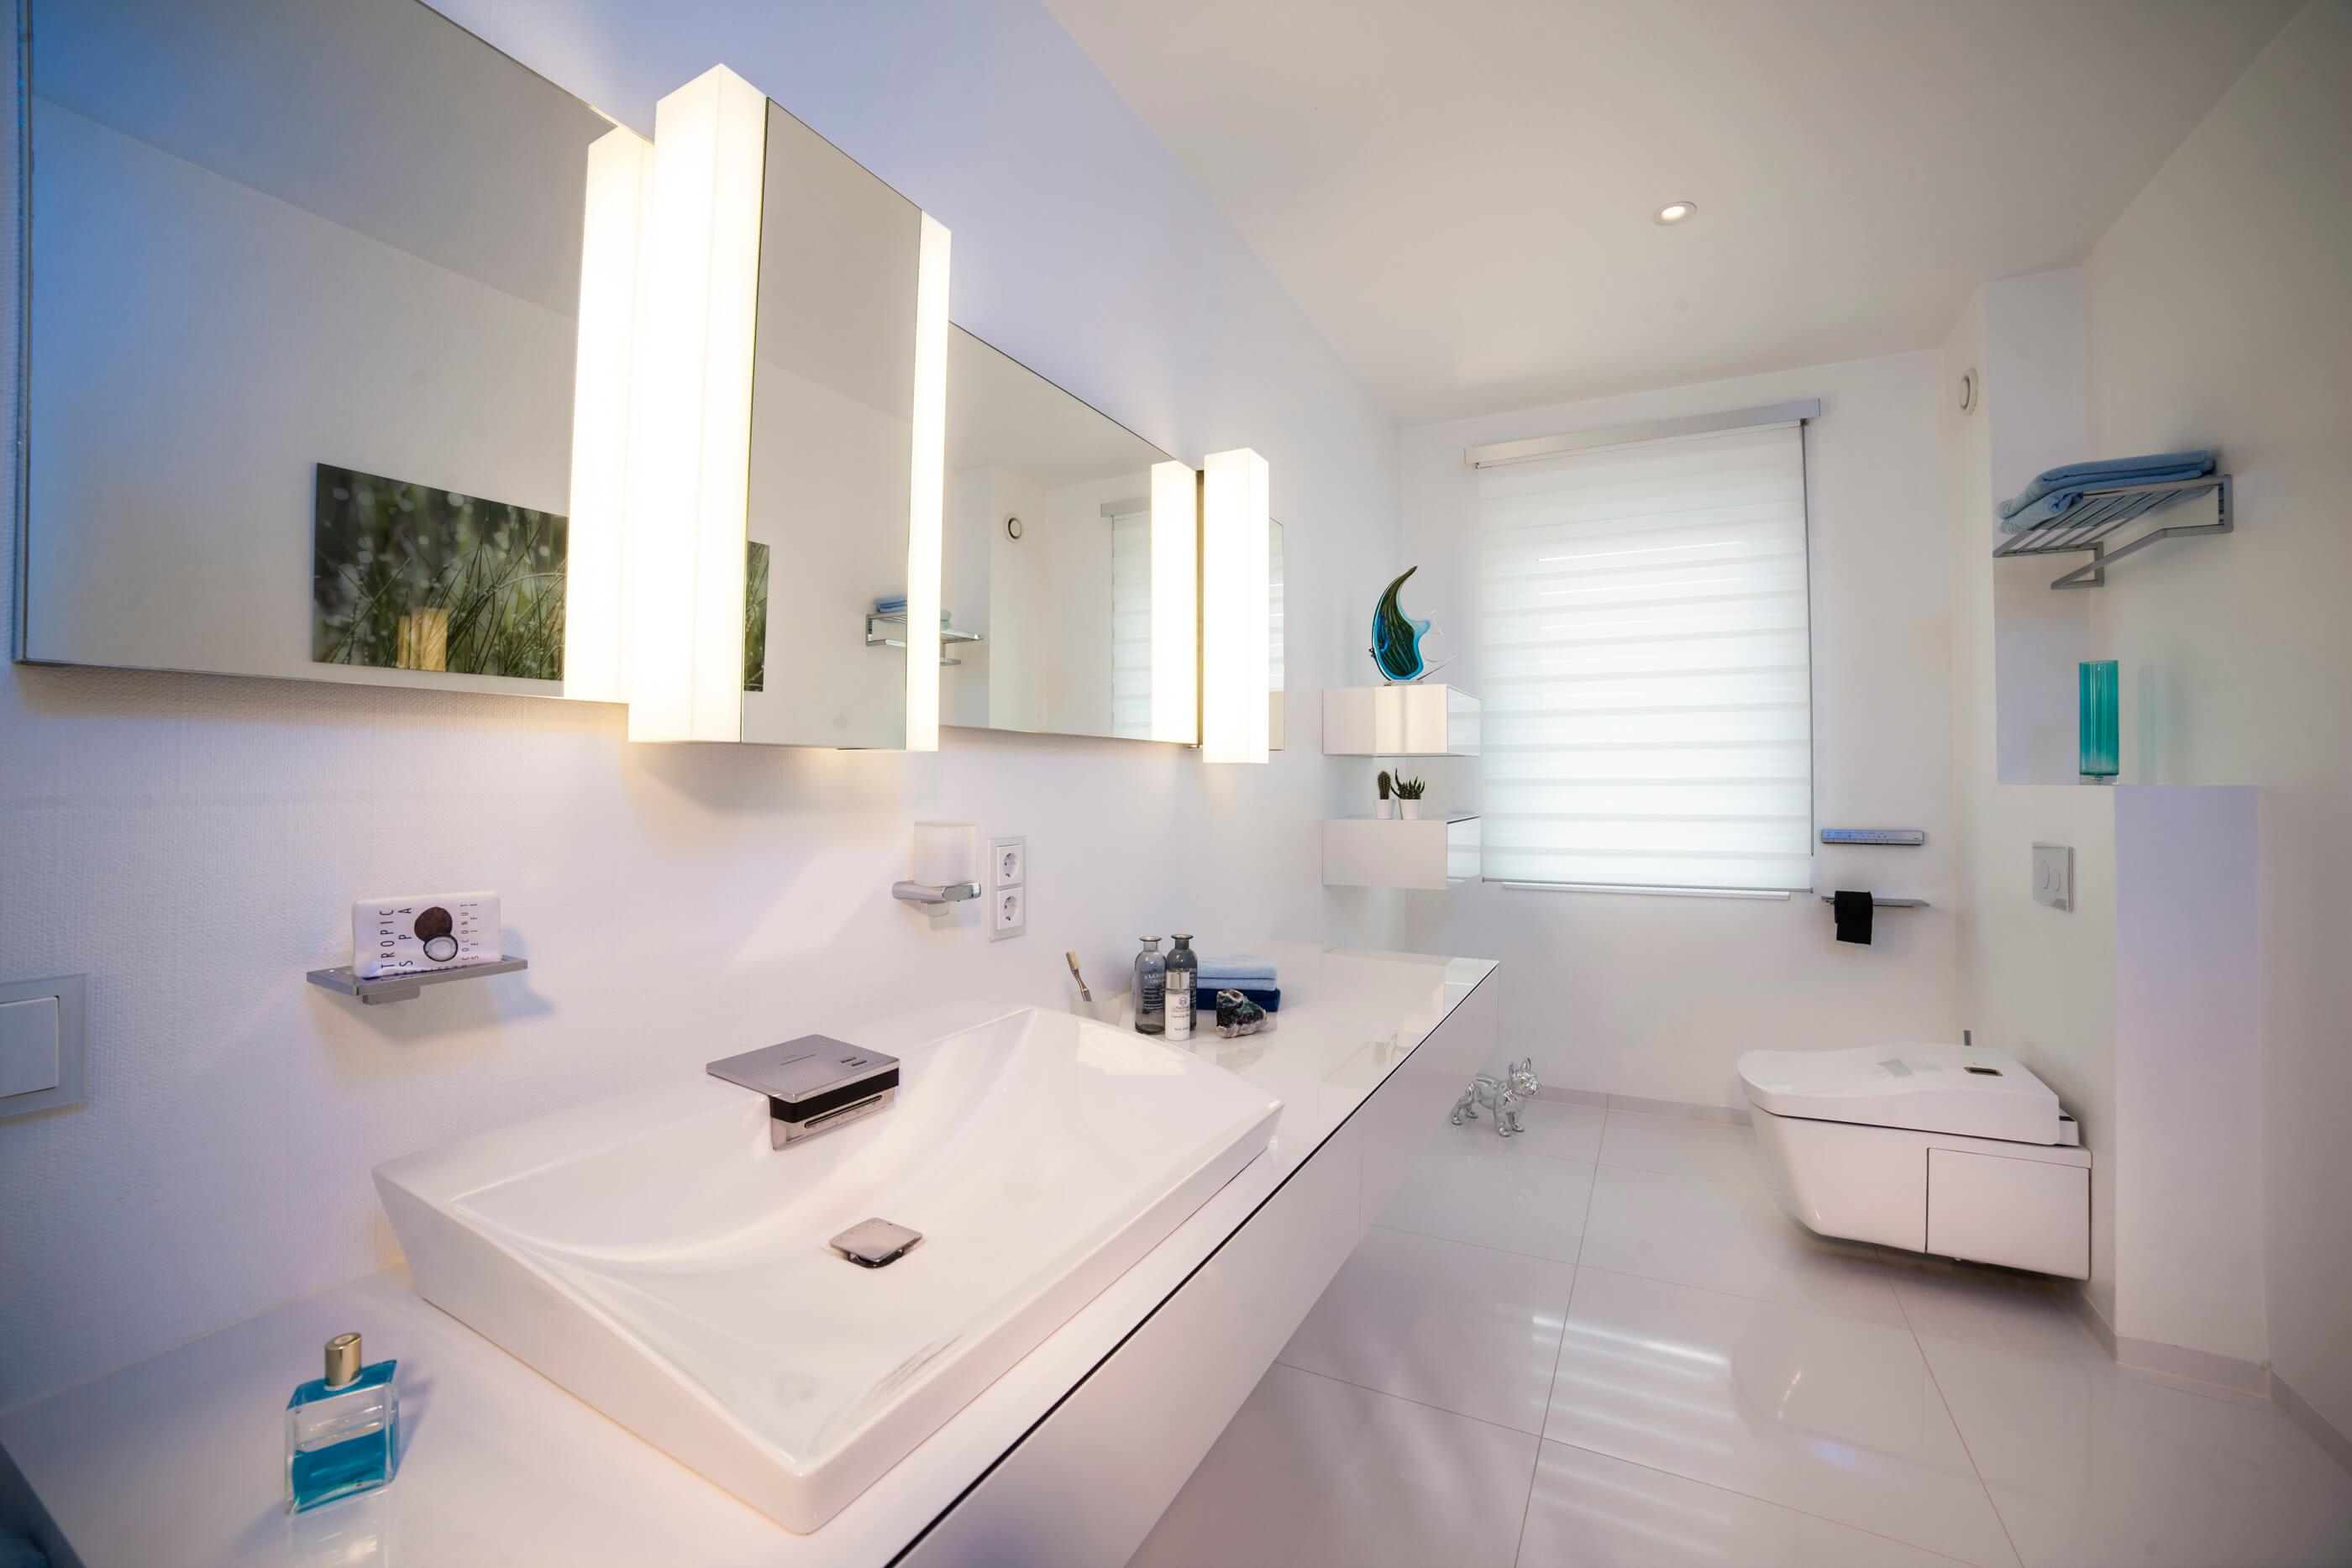 Badplanung: Badezimmer planen - Ideen & Tipps